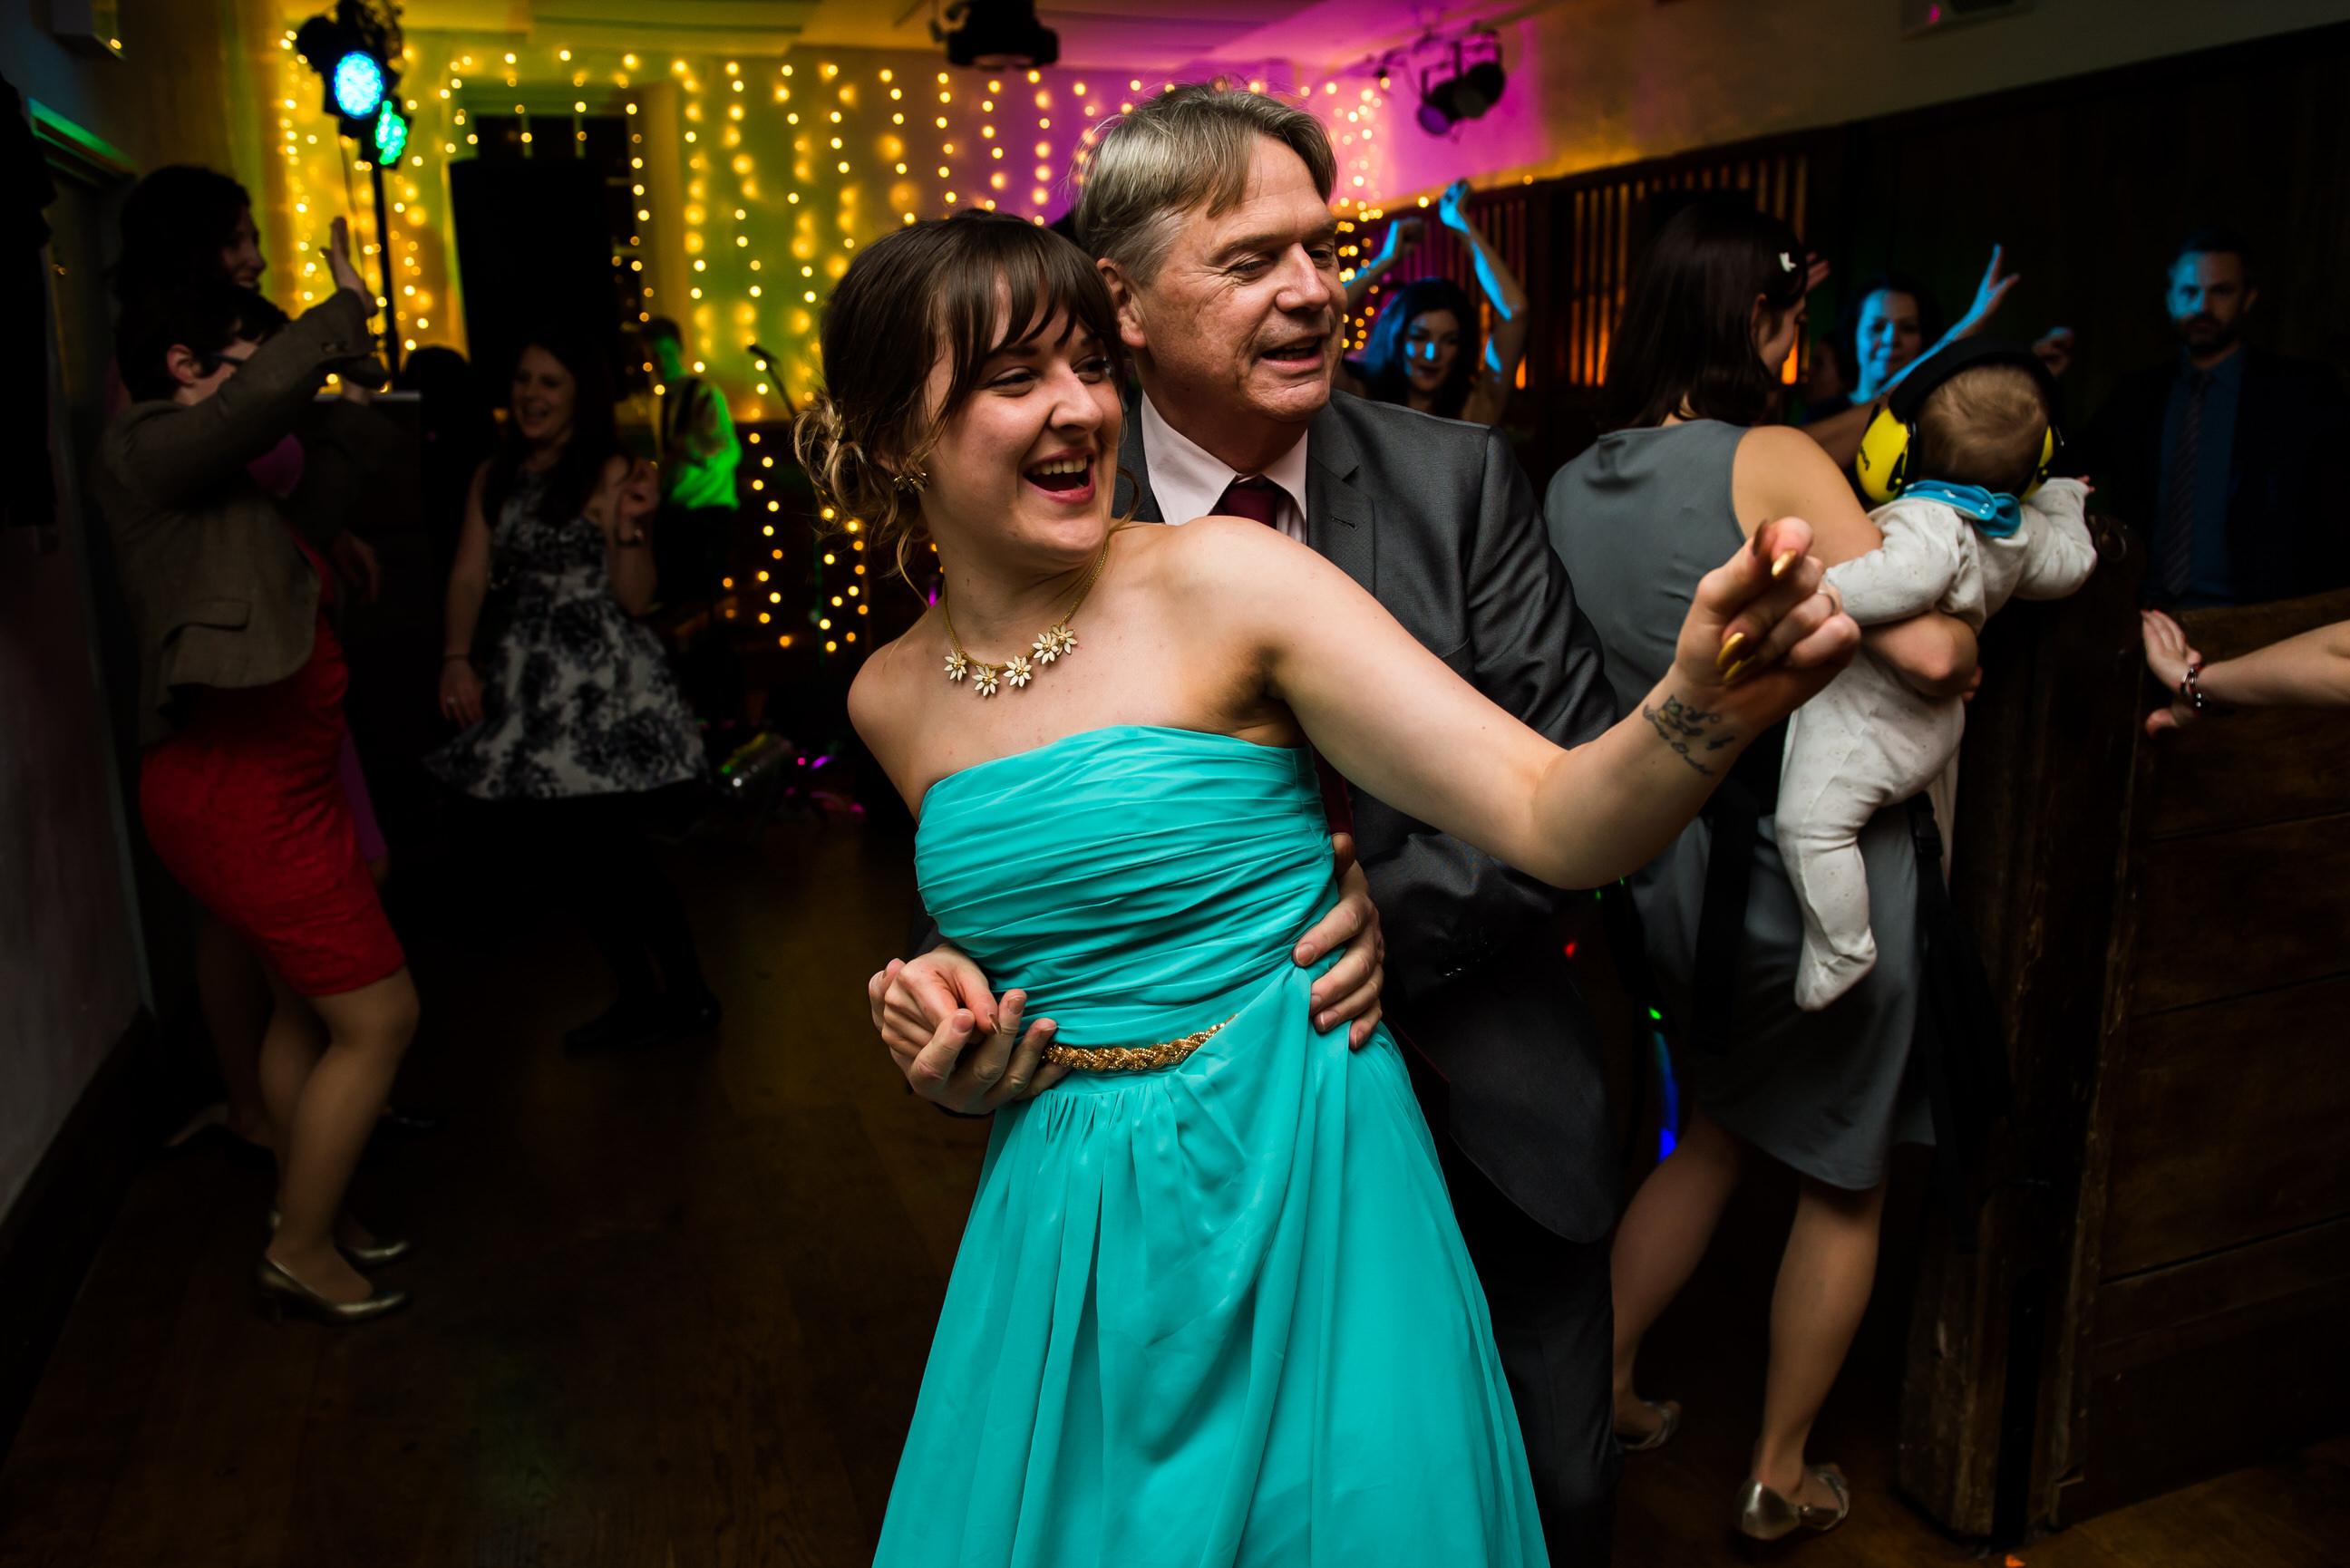 Dancing at Pennard House